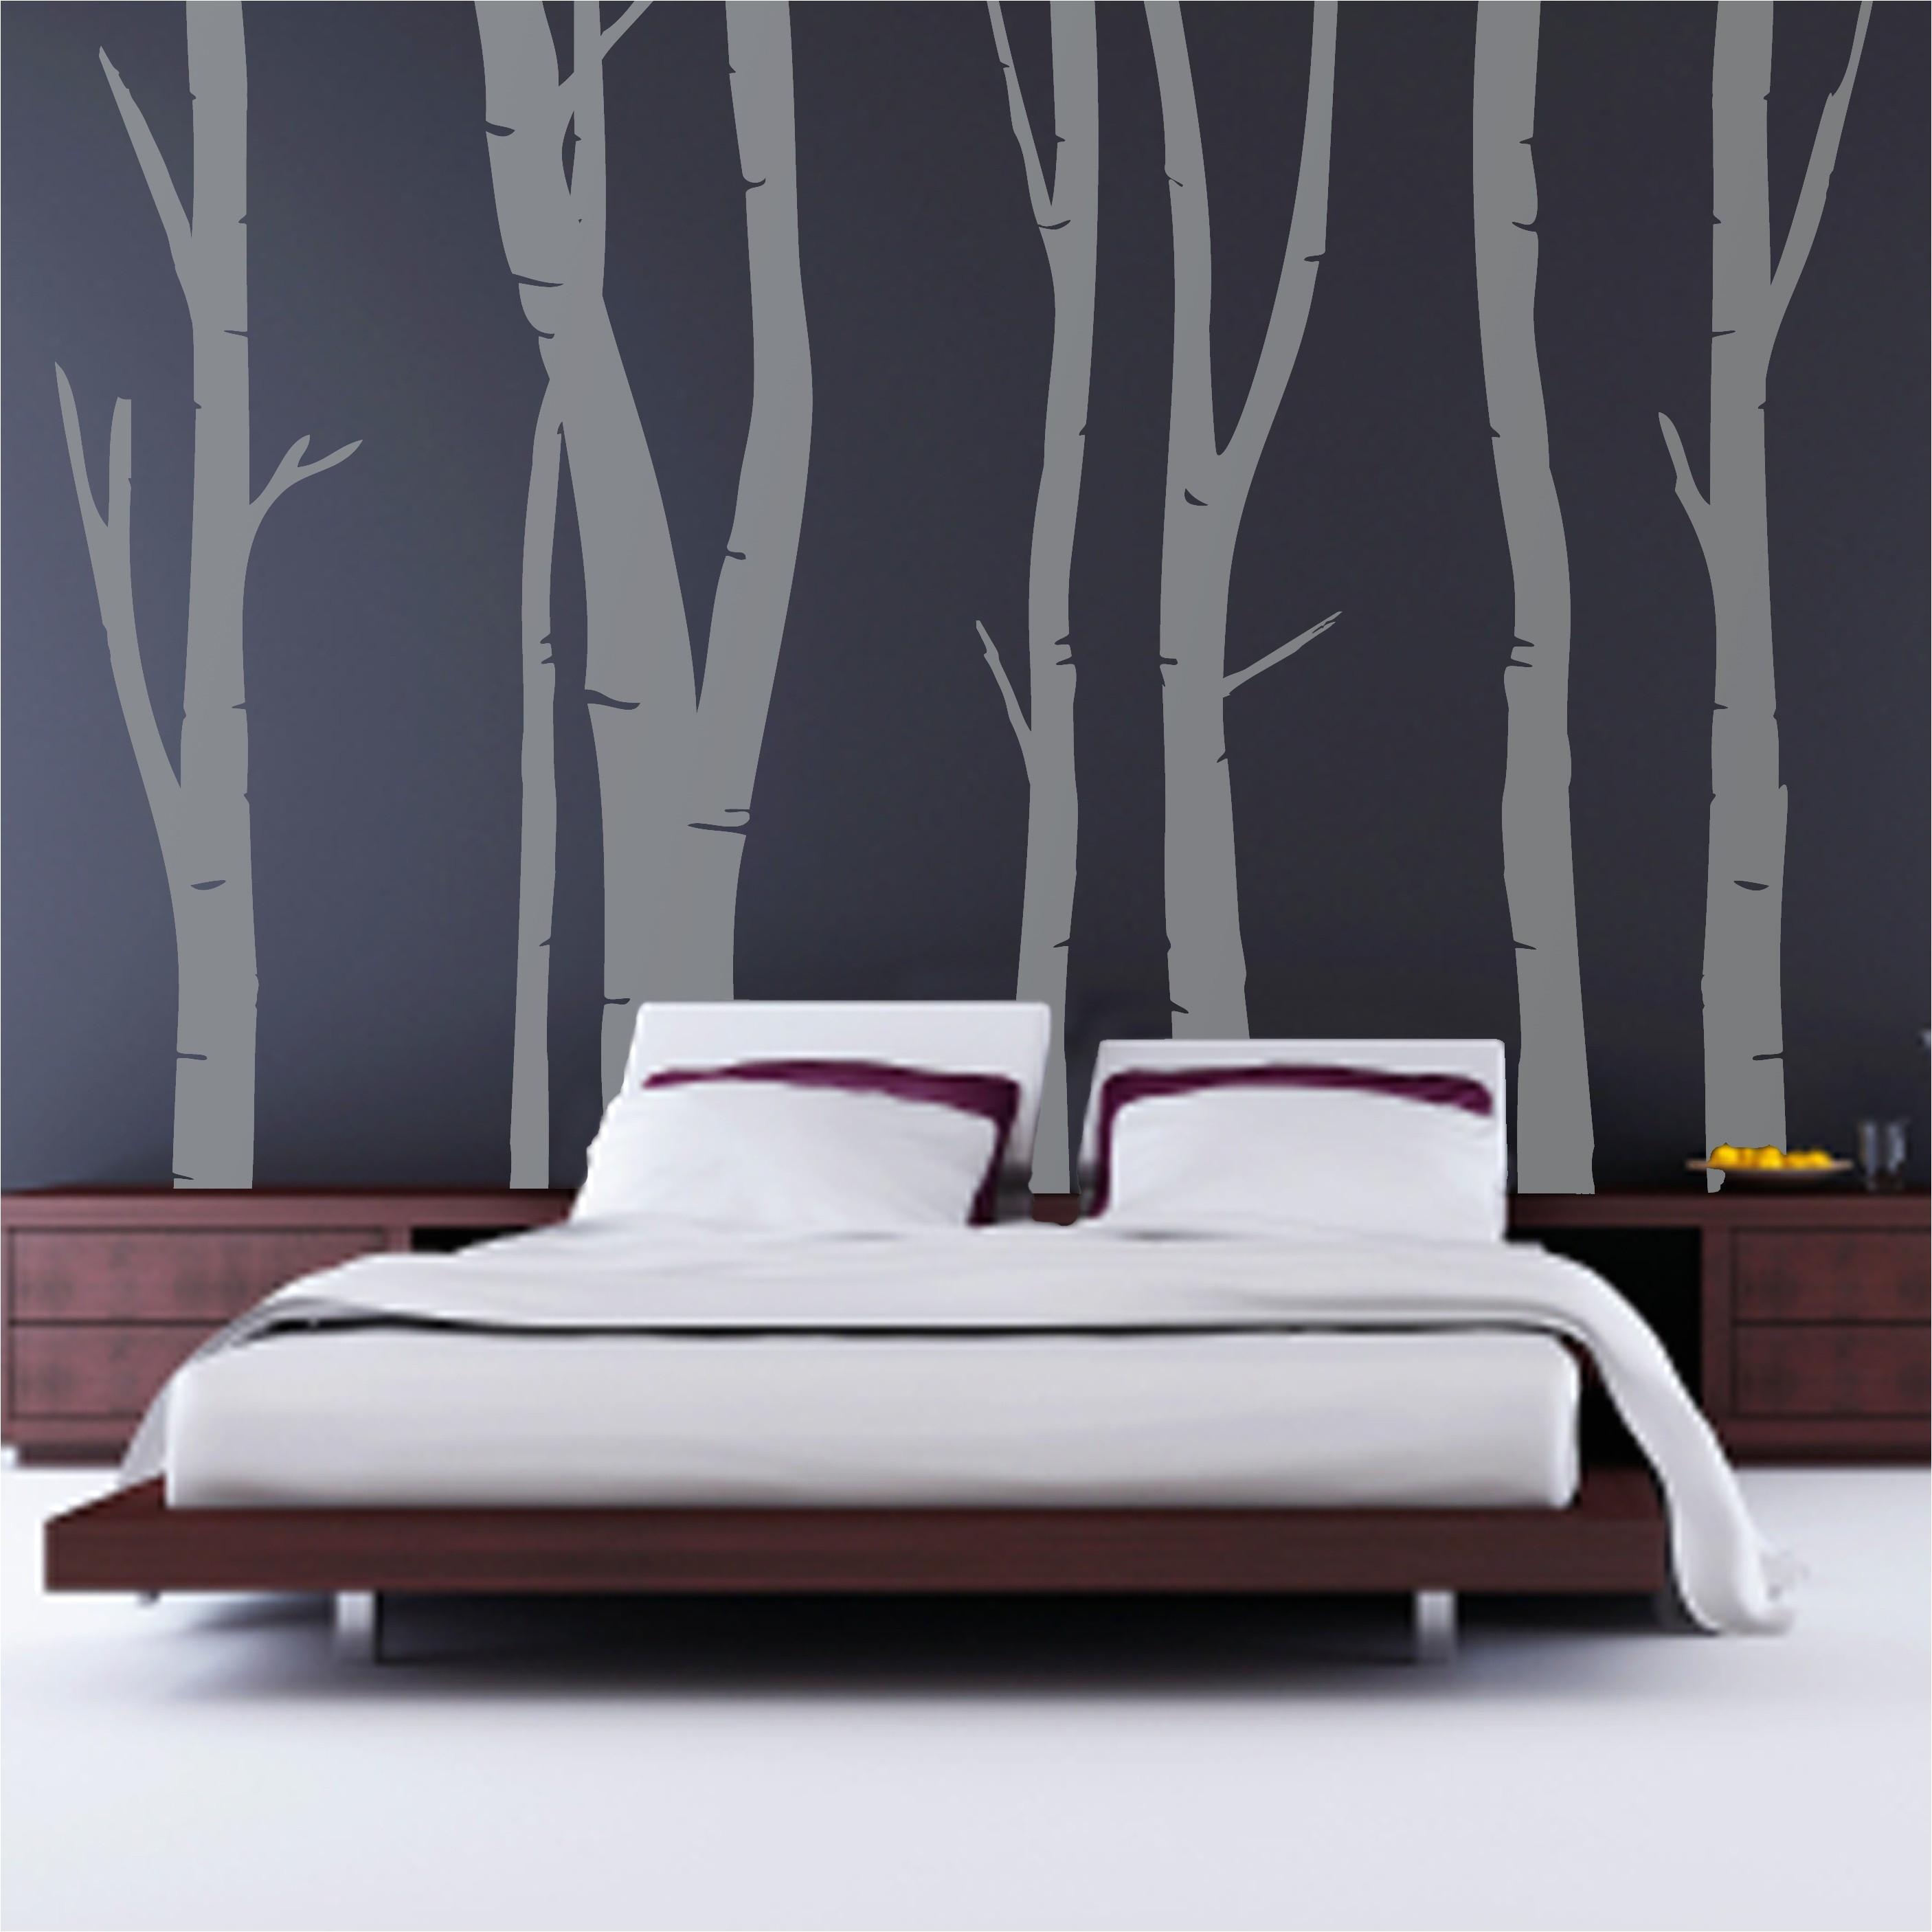 Dark Gray Bedroom Walls Elegant Wall Decals for Bedroom Unique 1 Kirkland Wall Decor Home Design